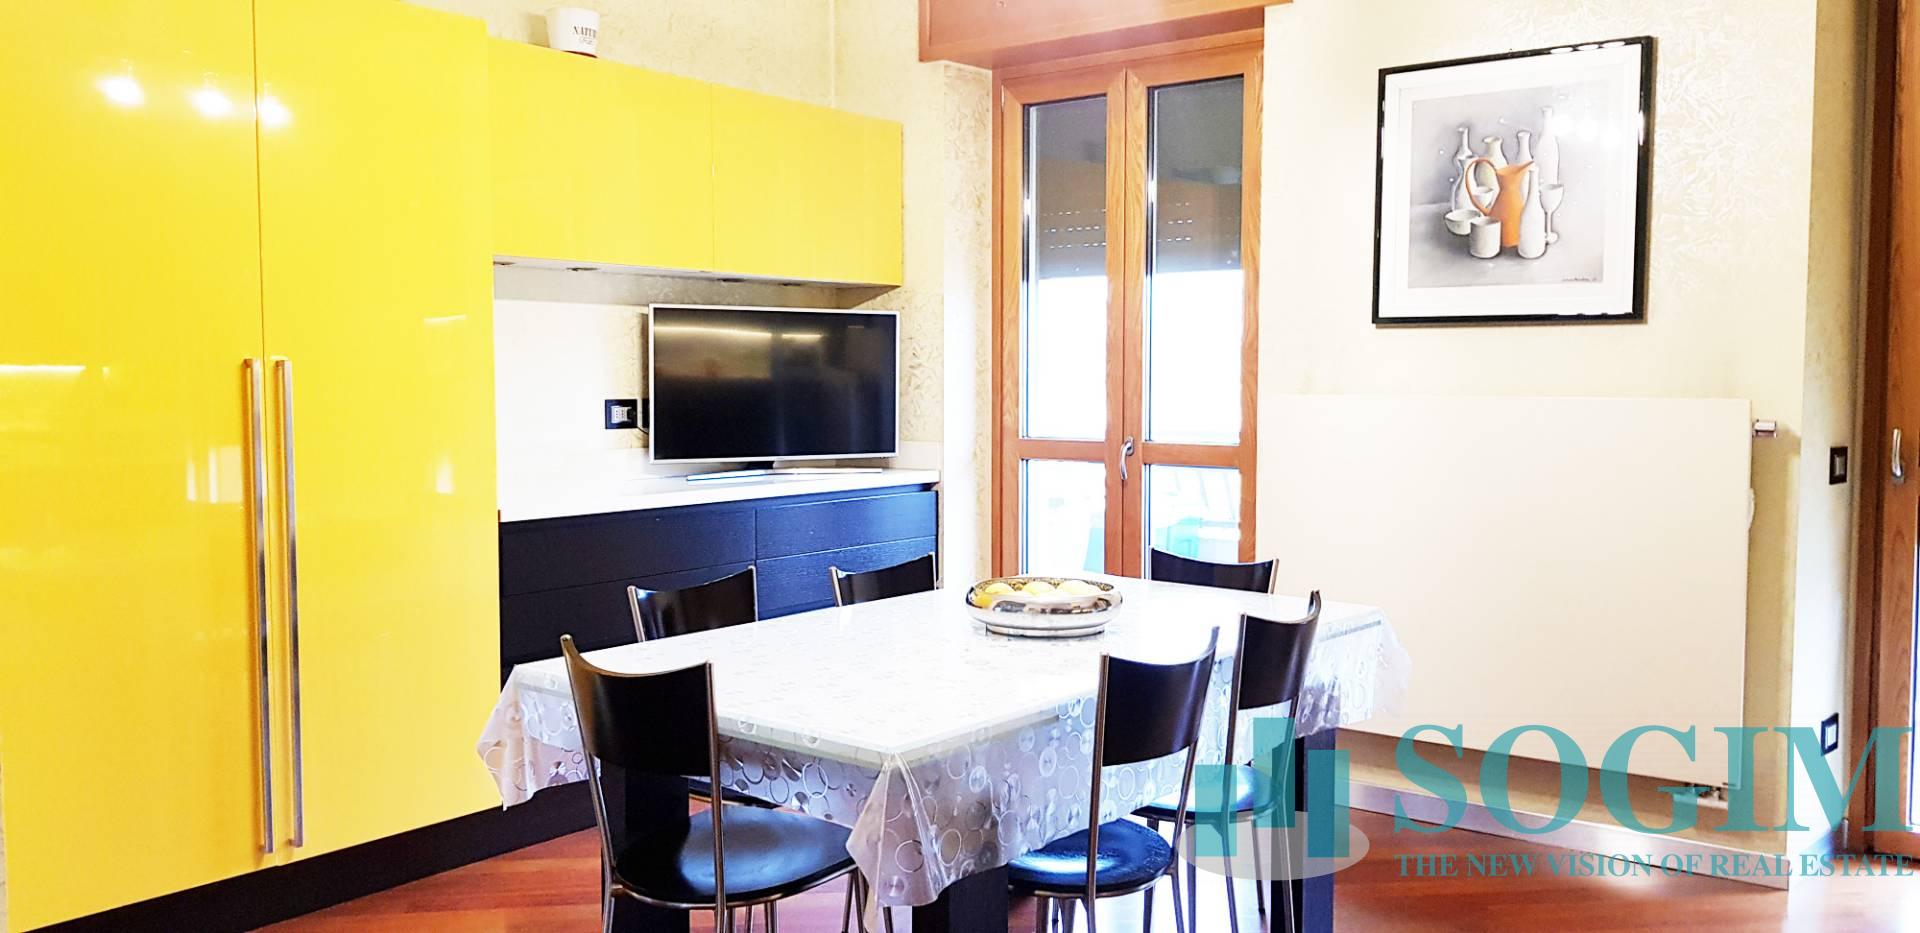 Attico / Mansarda in vendita a Sesto San Giovanni, 5 locali, Trattative riservate | PortaleAgenzieImmobiliari.it